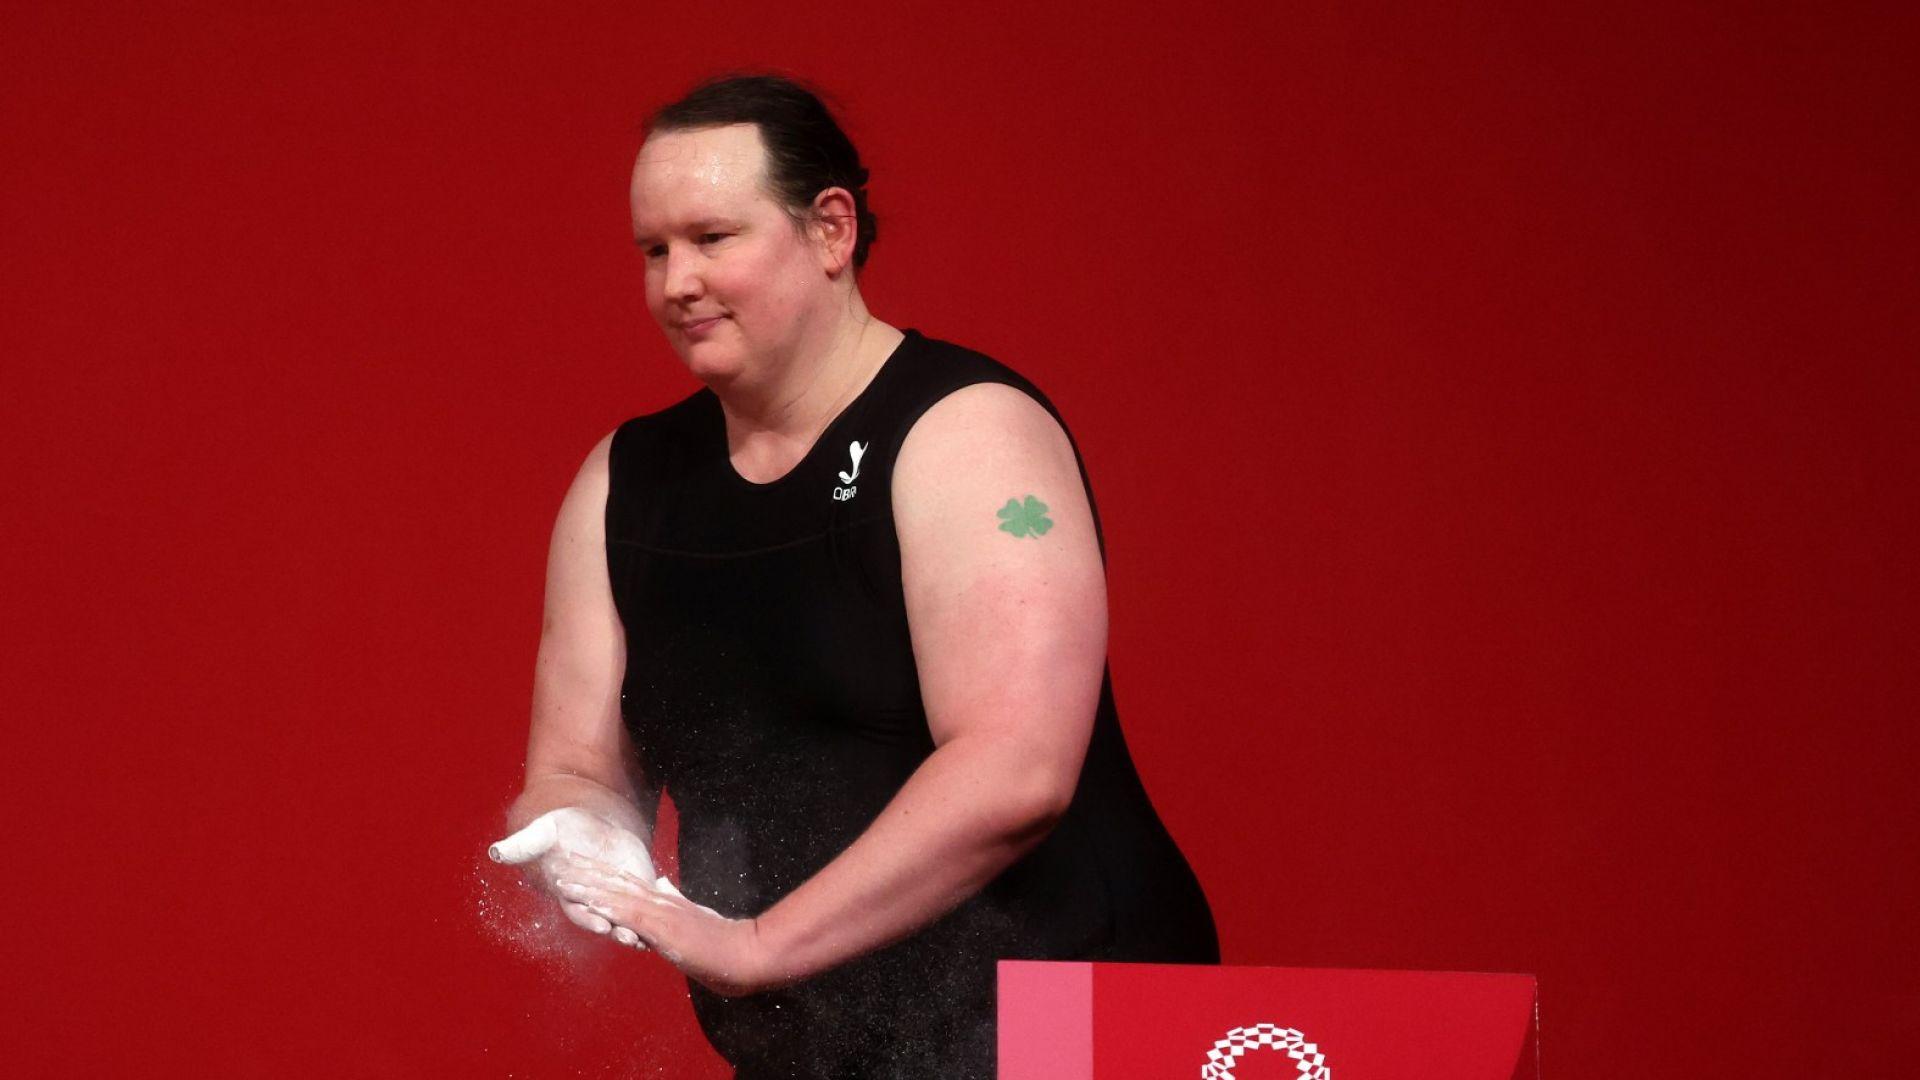 Първият трансджендър в олимпийската история се провали звучно в Токио